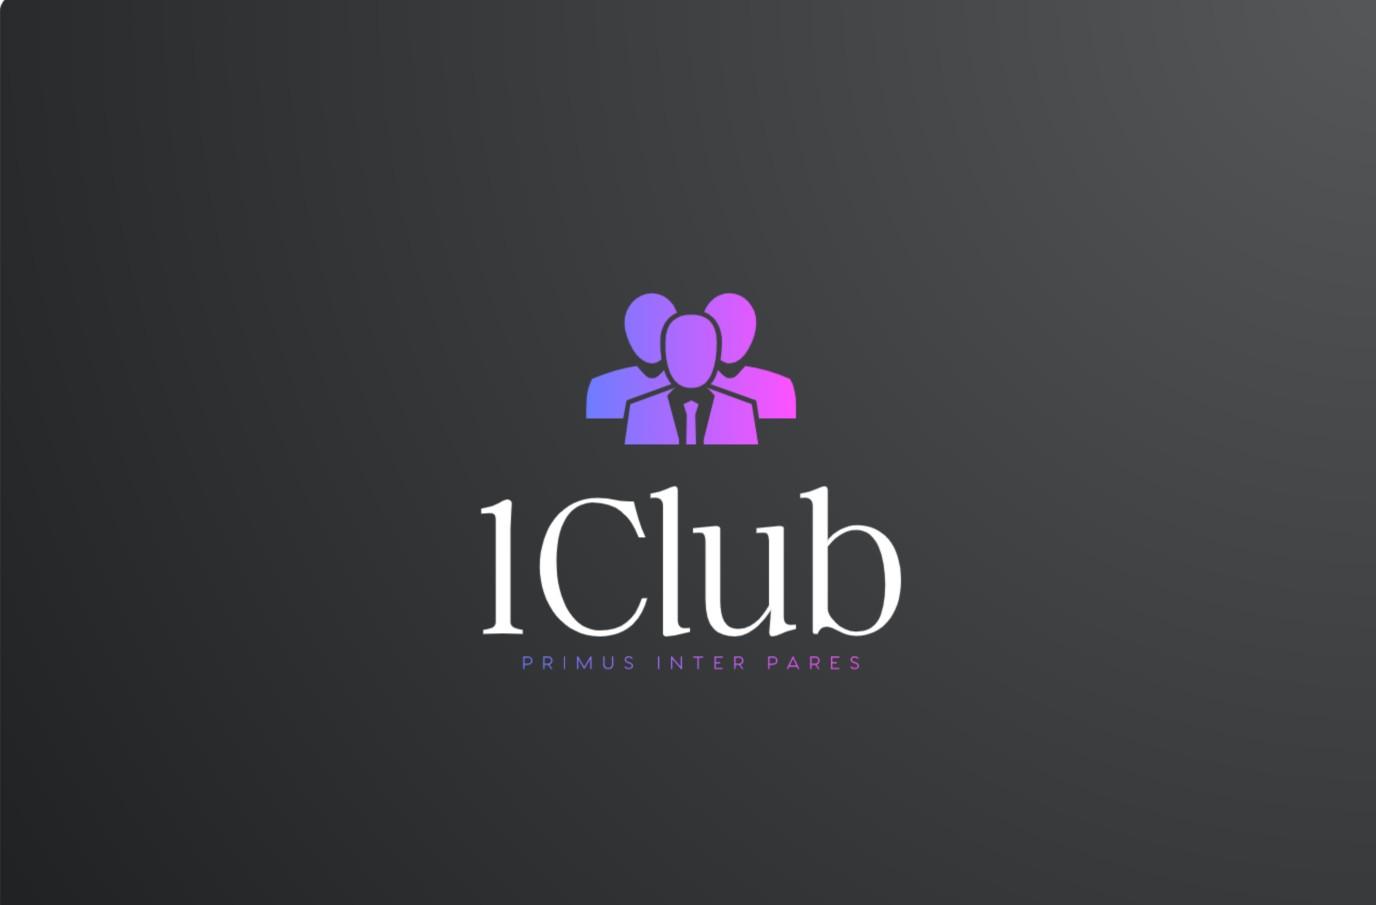 Логотип делового клуба фото f_8645f88790a4327f.jpg